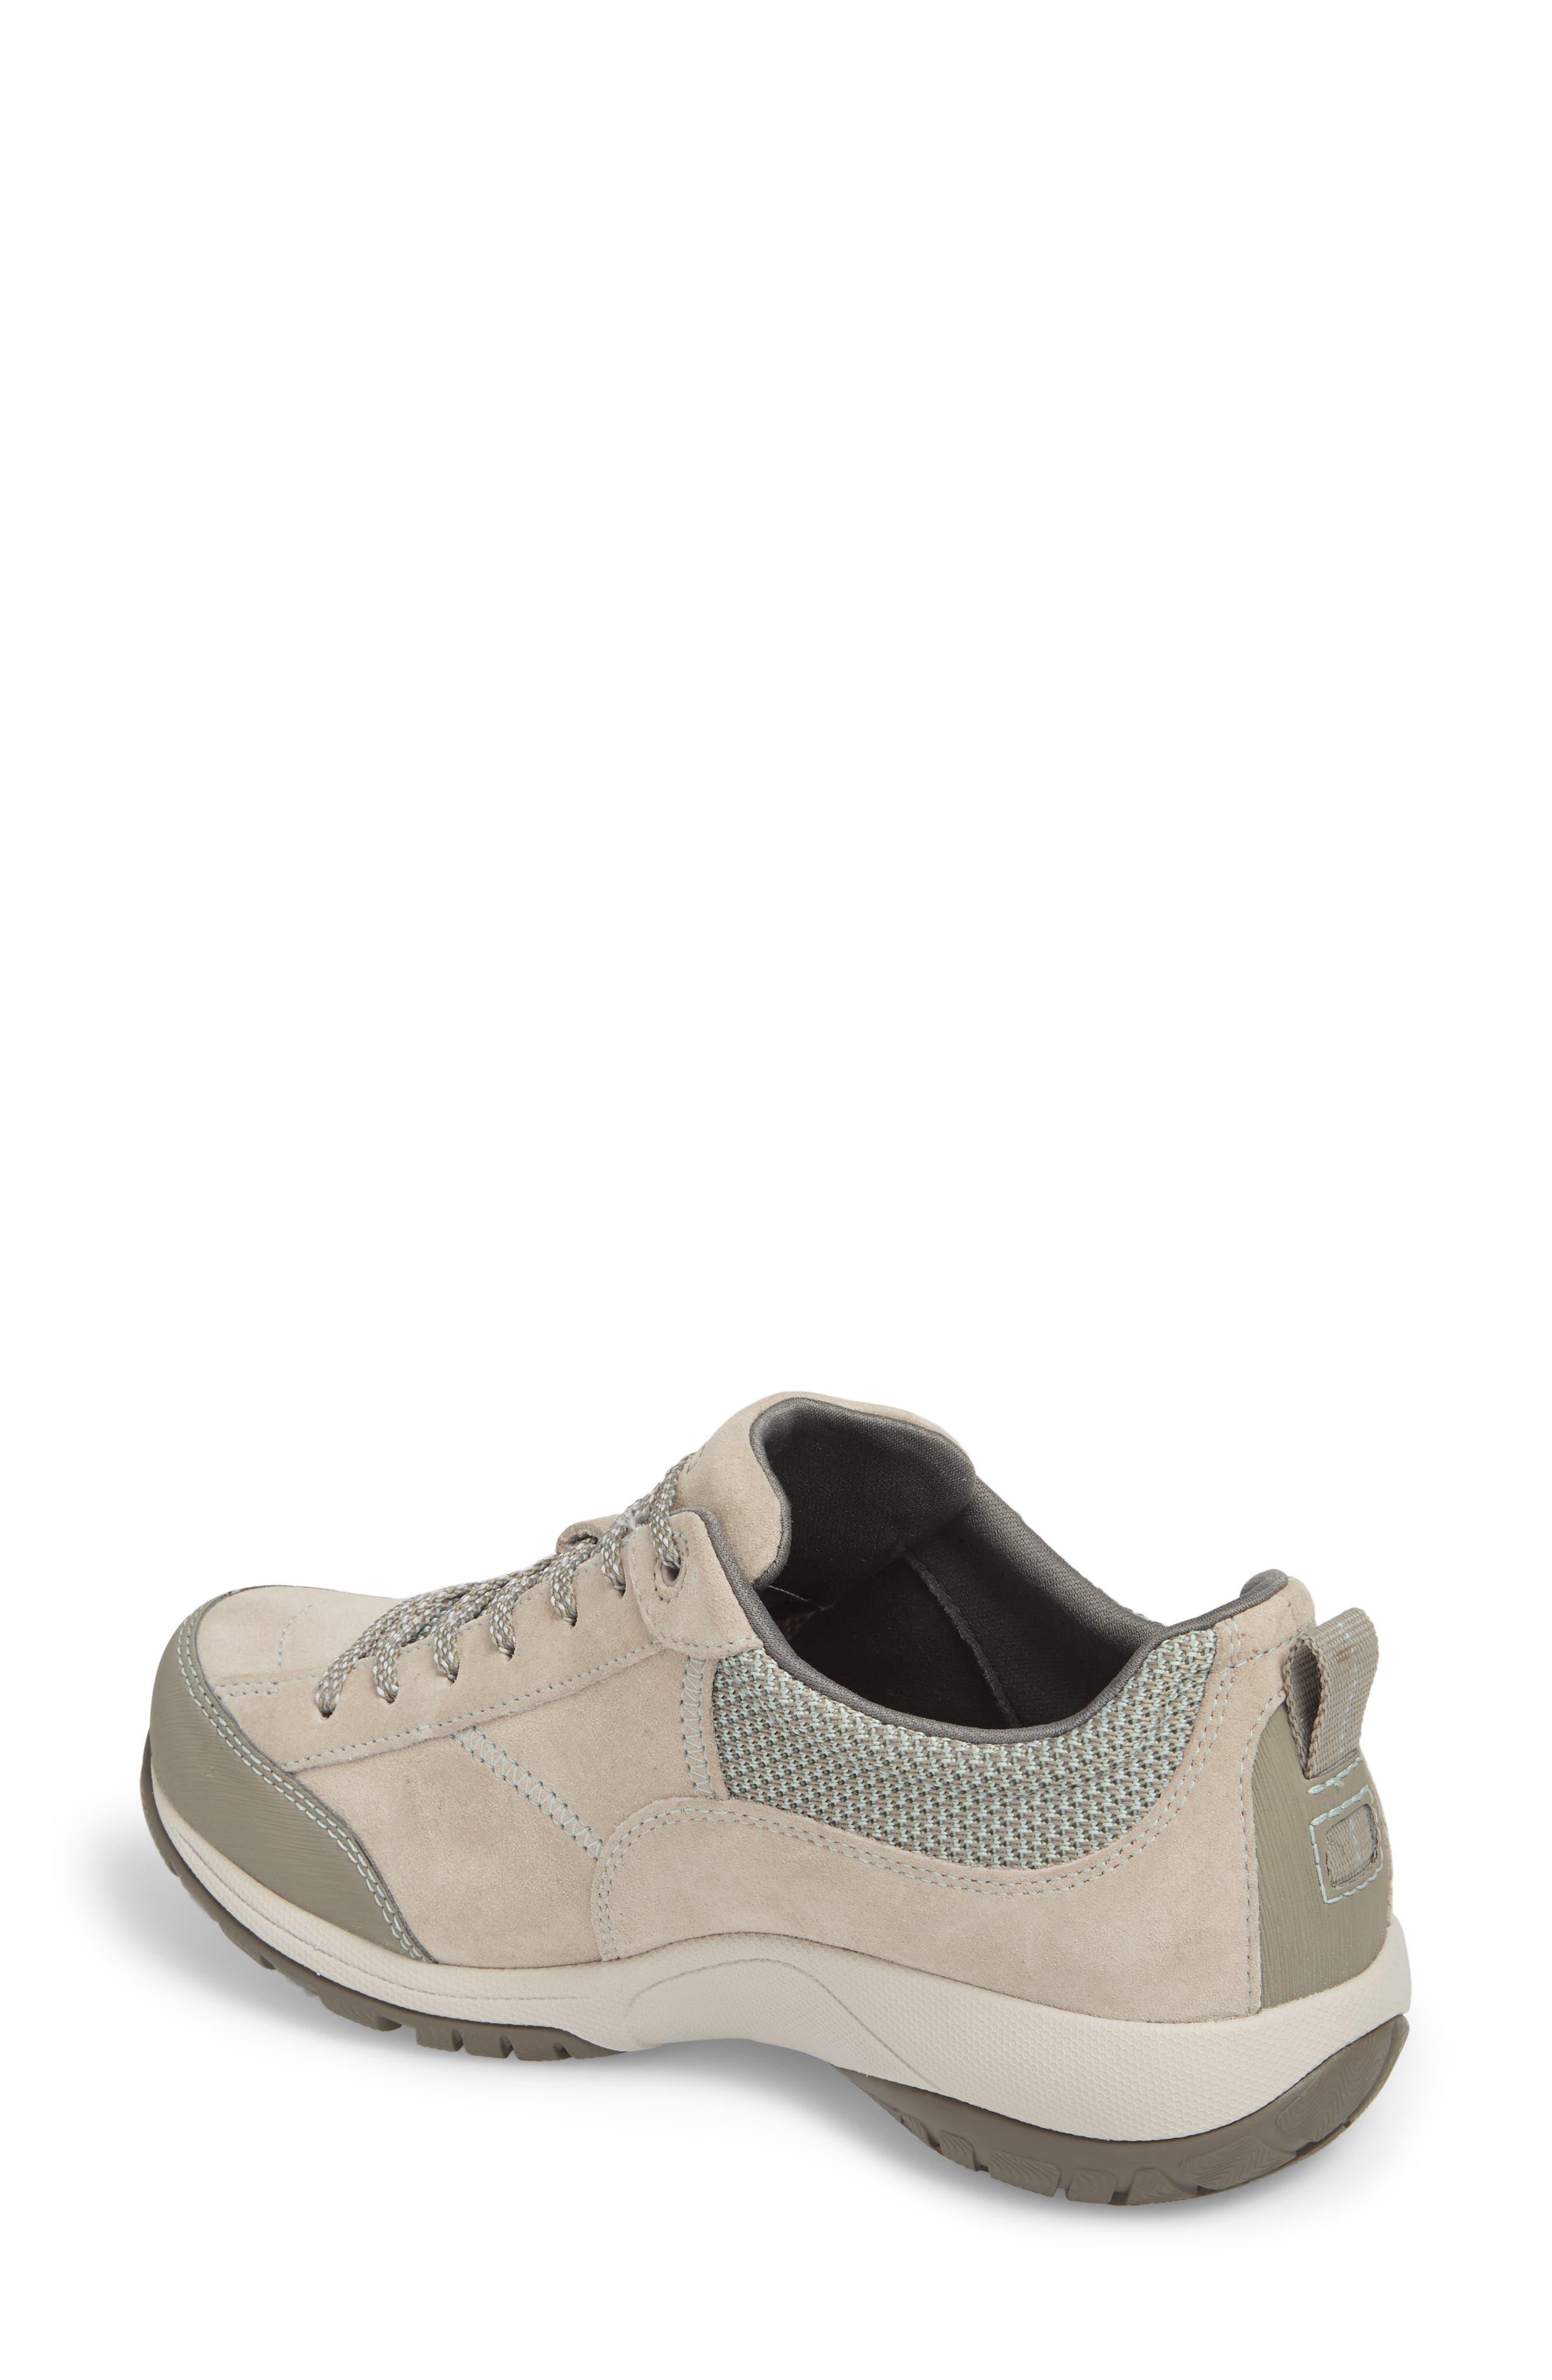 Paisley Waterproof Sneaker,                             Alternate thumbnail 2, color,                             STONE SUEDE